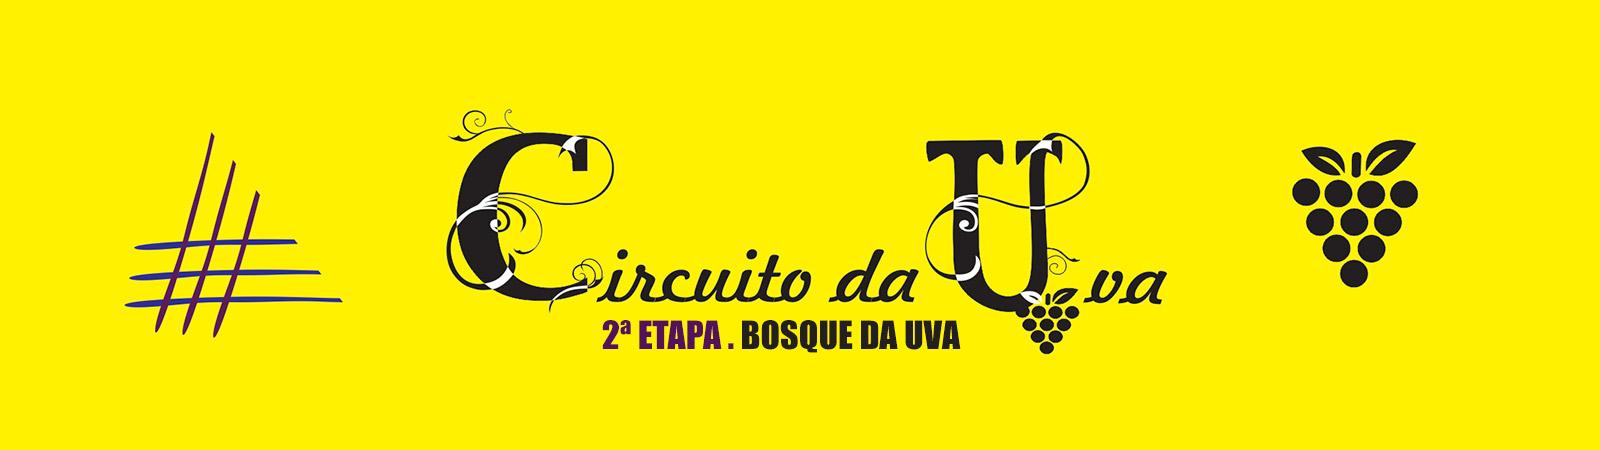 CIRCUITO DA UVA DE CORRIDAS DE RUA 2017 - 2ª ETAPA - BOSQUE DA UVA - Imagem de topo